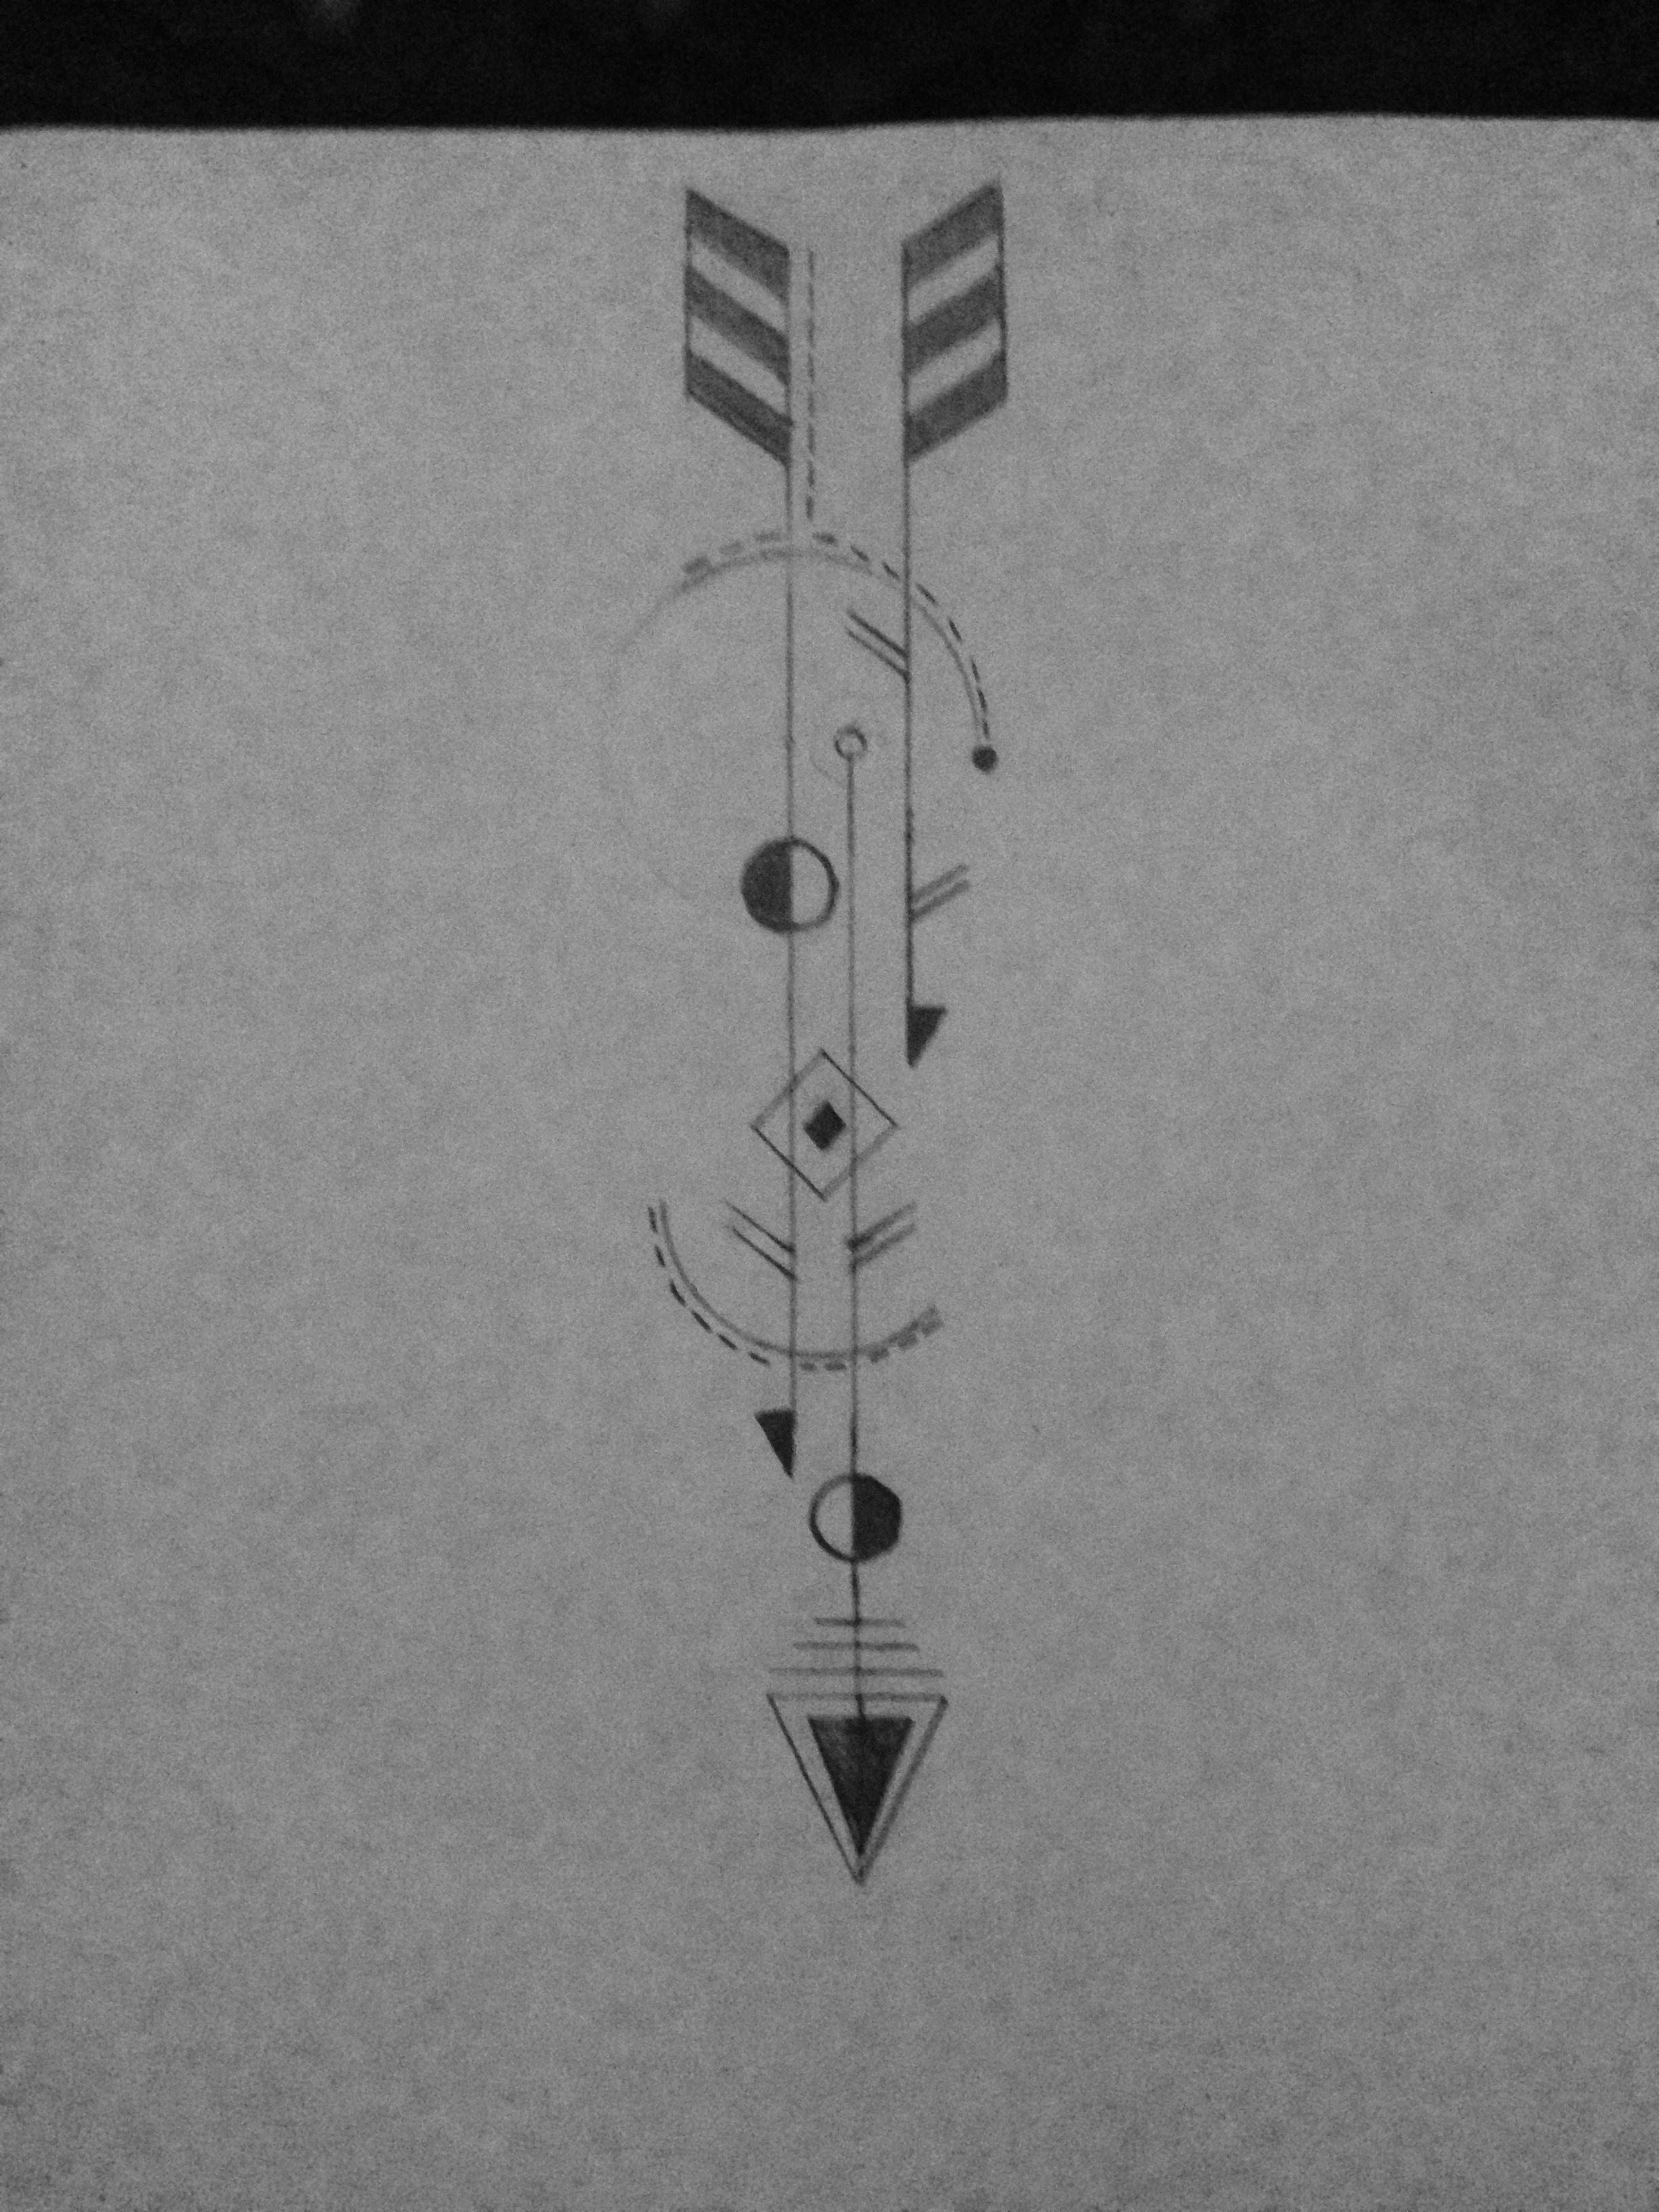 1Er Tatouage 1er dessin mon tatouage géométrique! tatouage dos homme! geometric